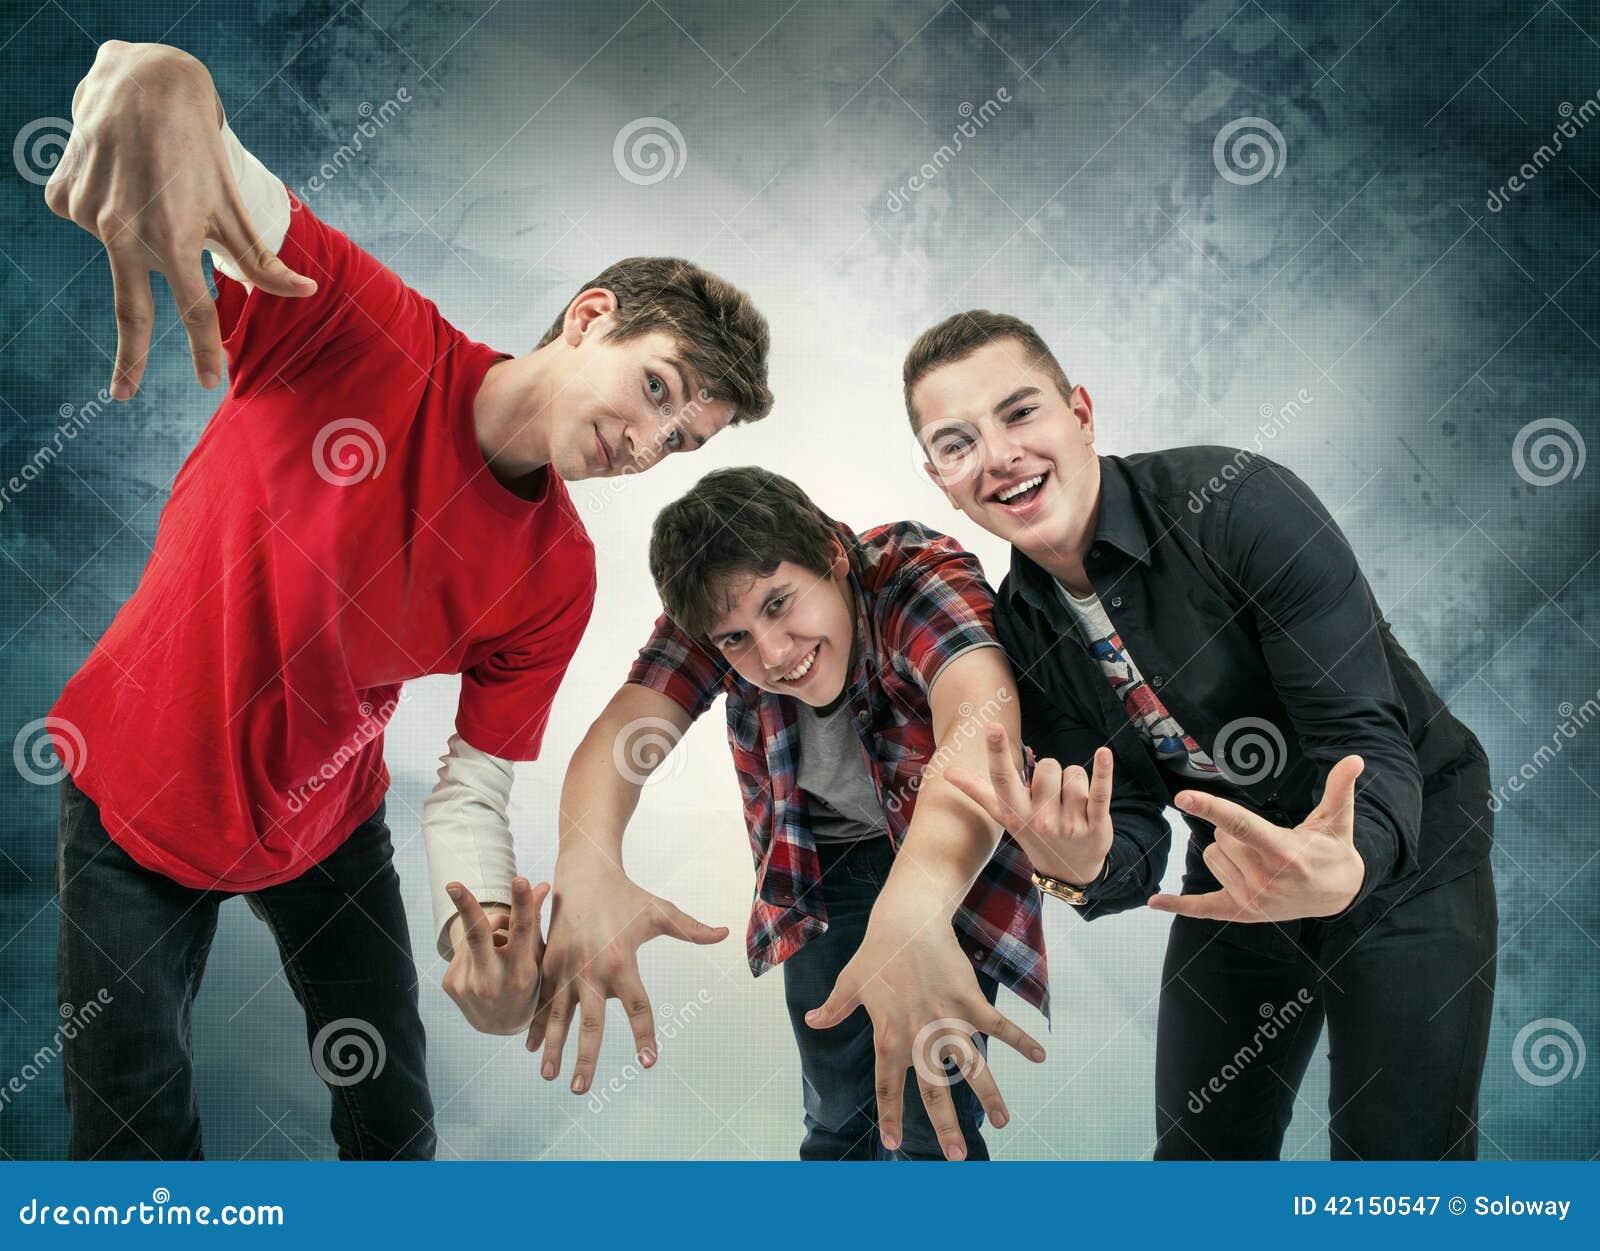 三个年轻人的夜场人生_三乐趣hip hop姿势的年轻人